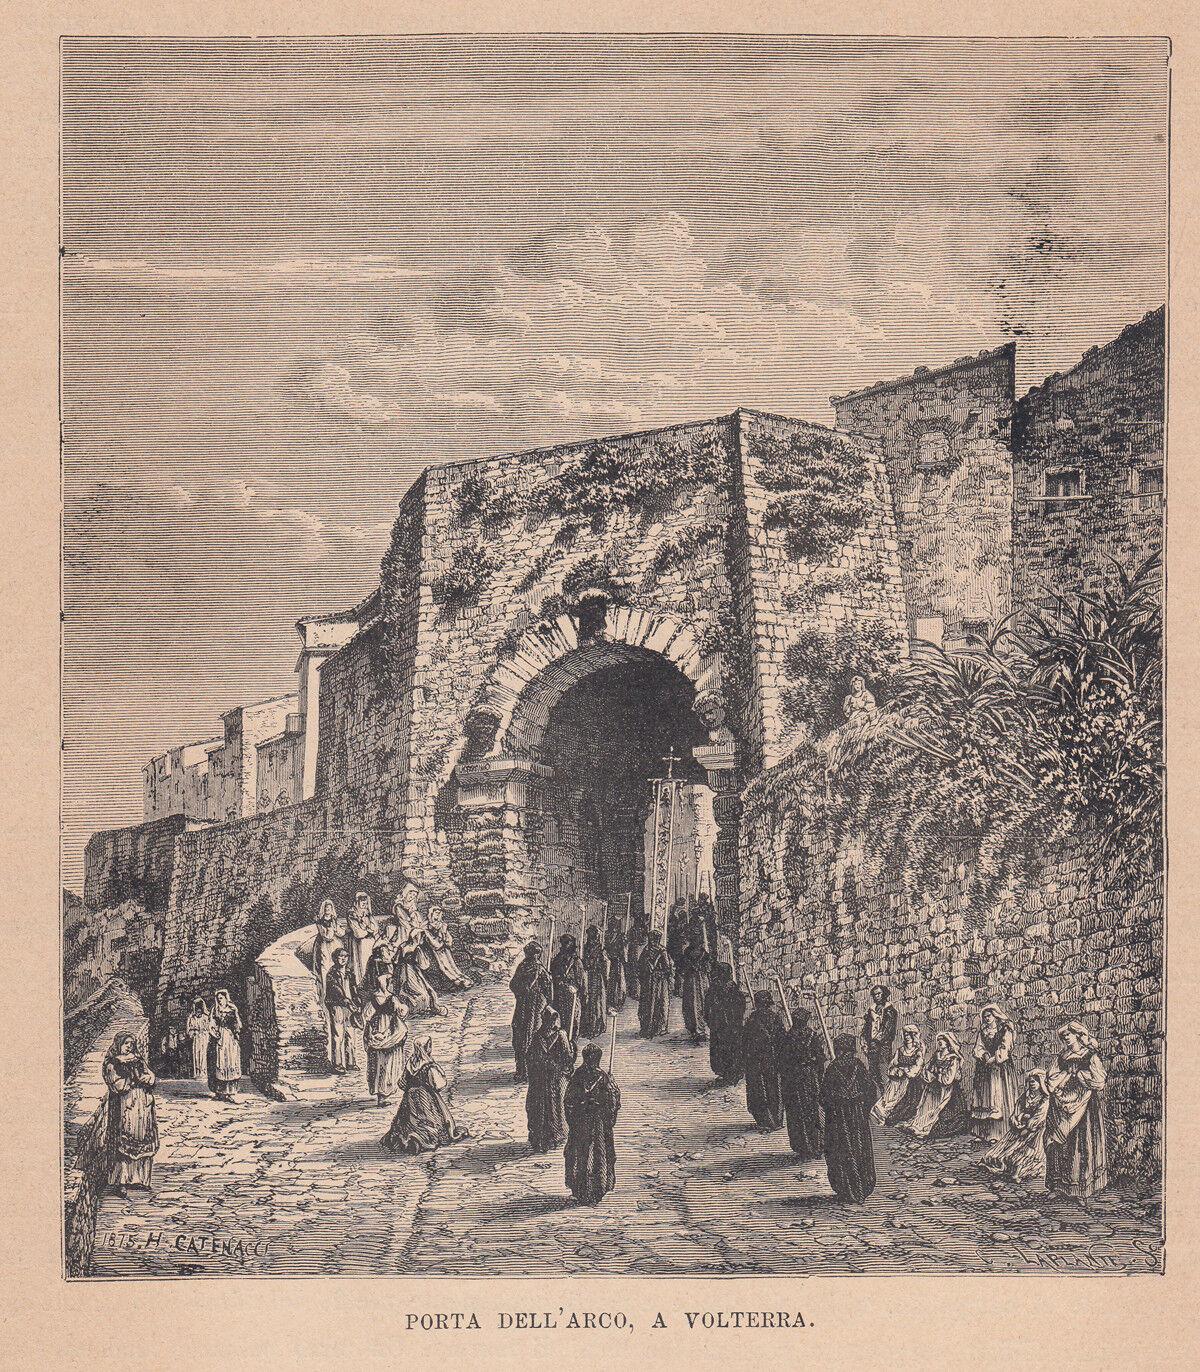 Arco Per Porta dettagli su porta dell'arco a volterra, xilografia, 1875